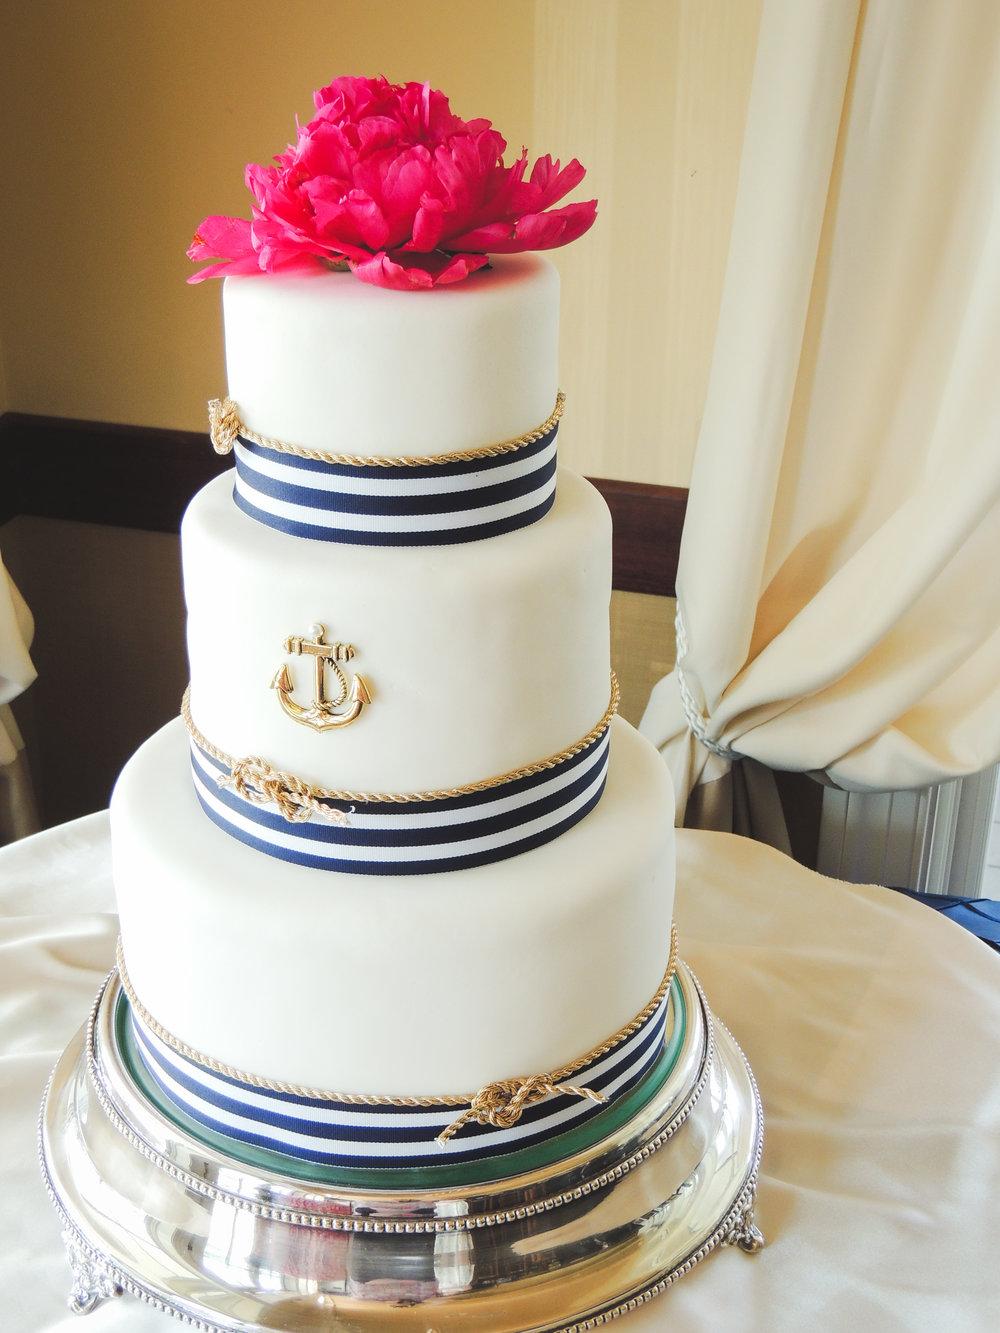 Jackie Edible Art Bakery Brainerd Wedding Cakes-36.jpg